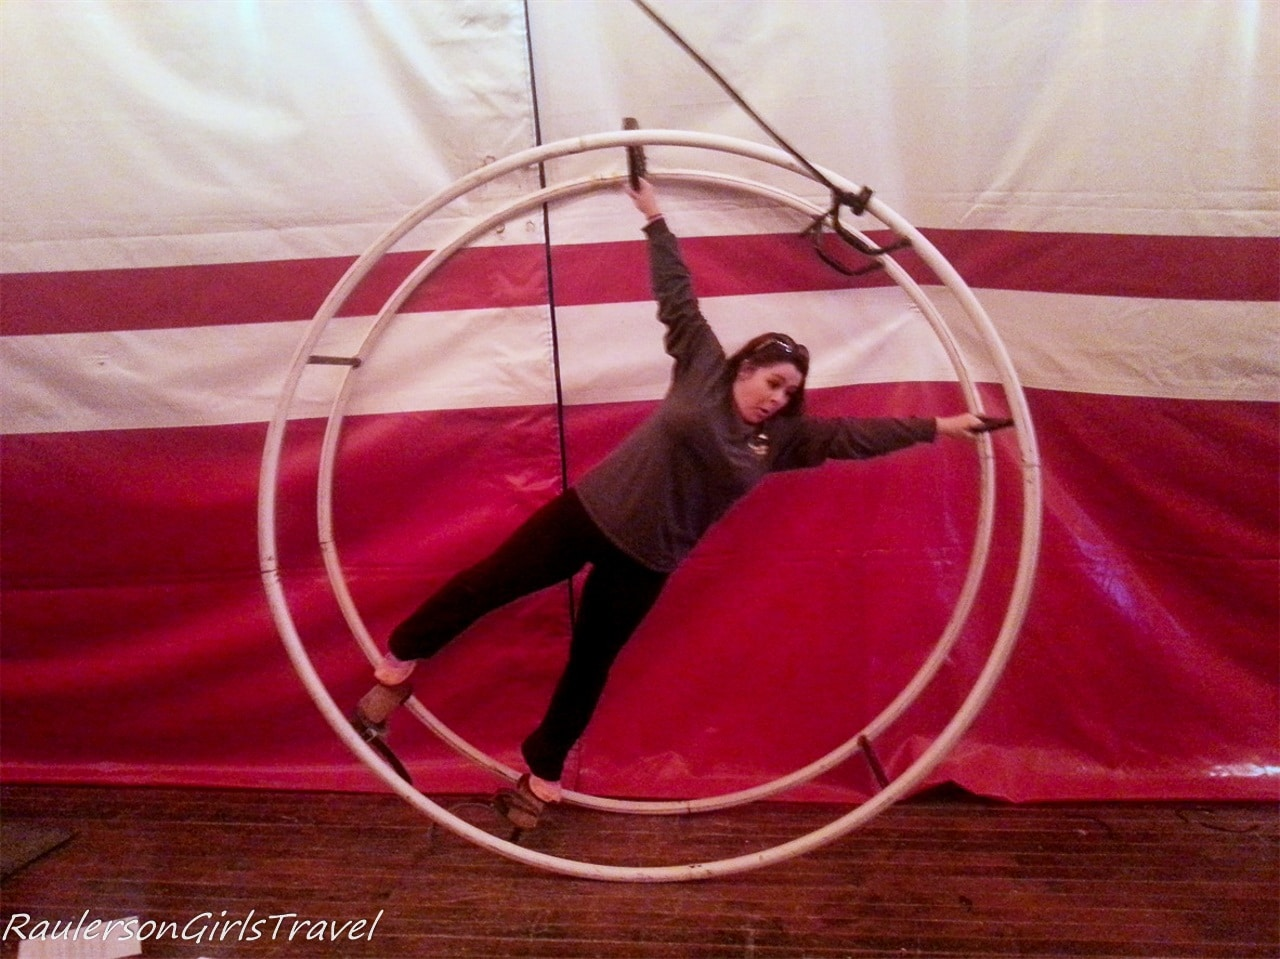 Kayla on the spinning wheel